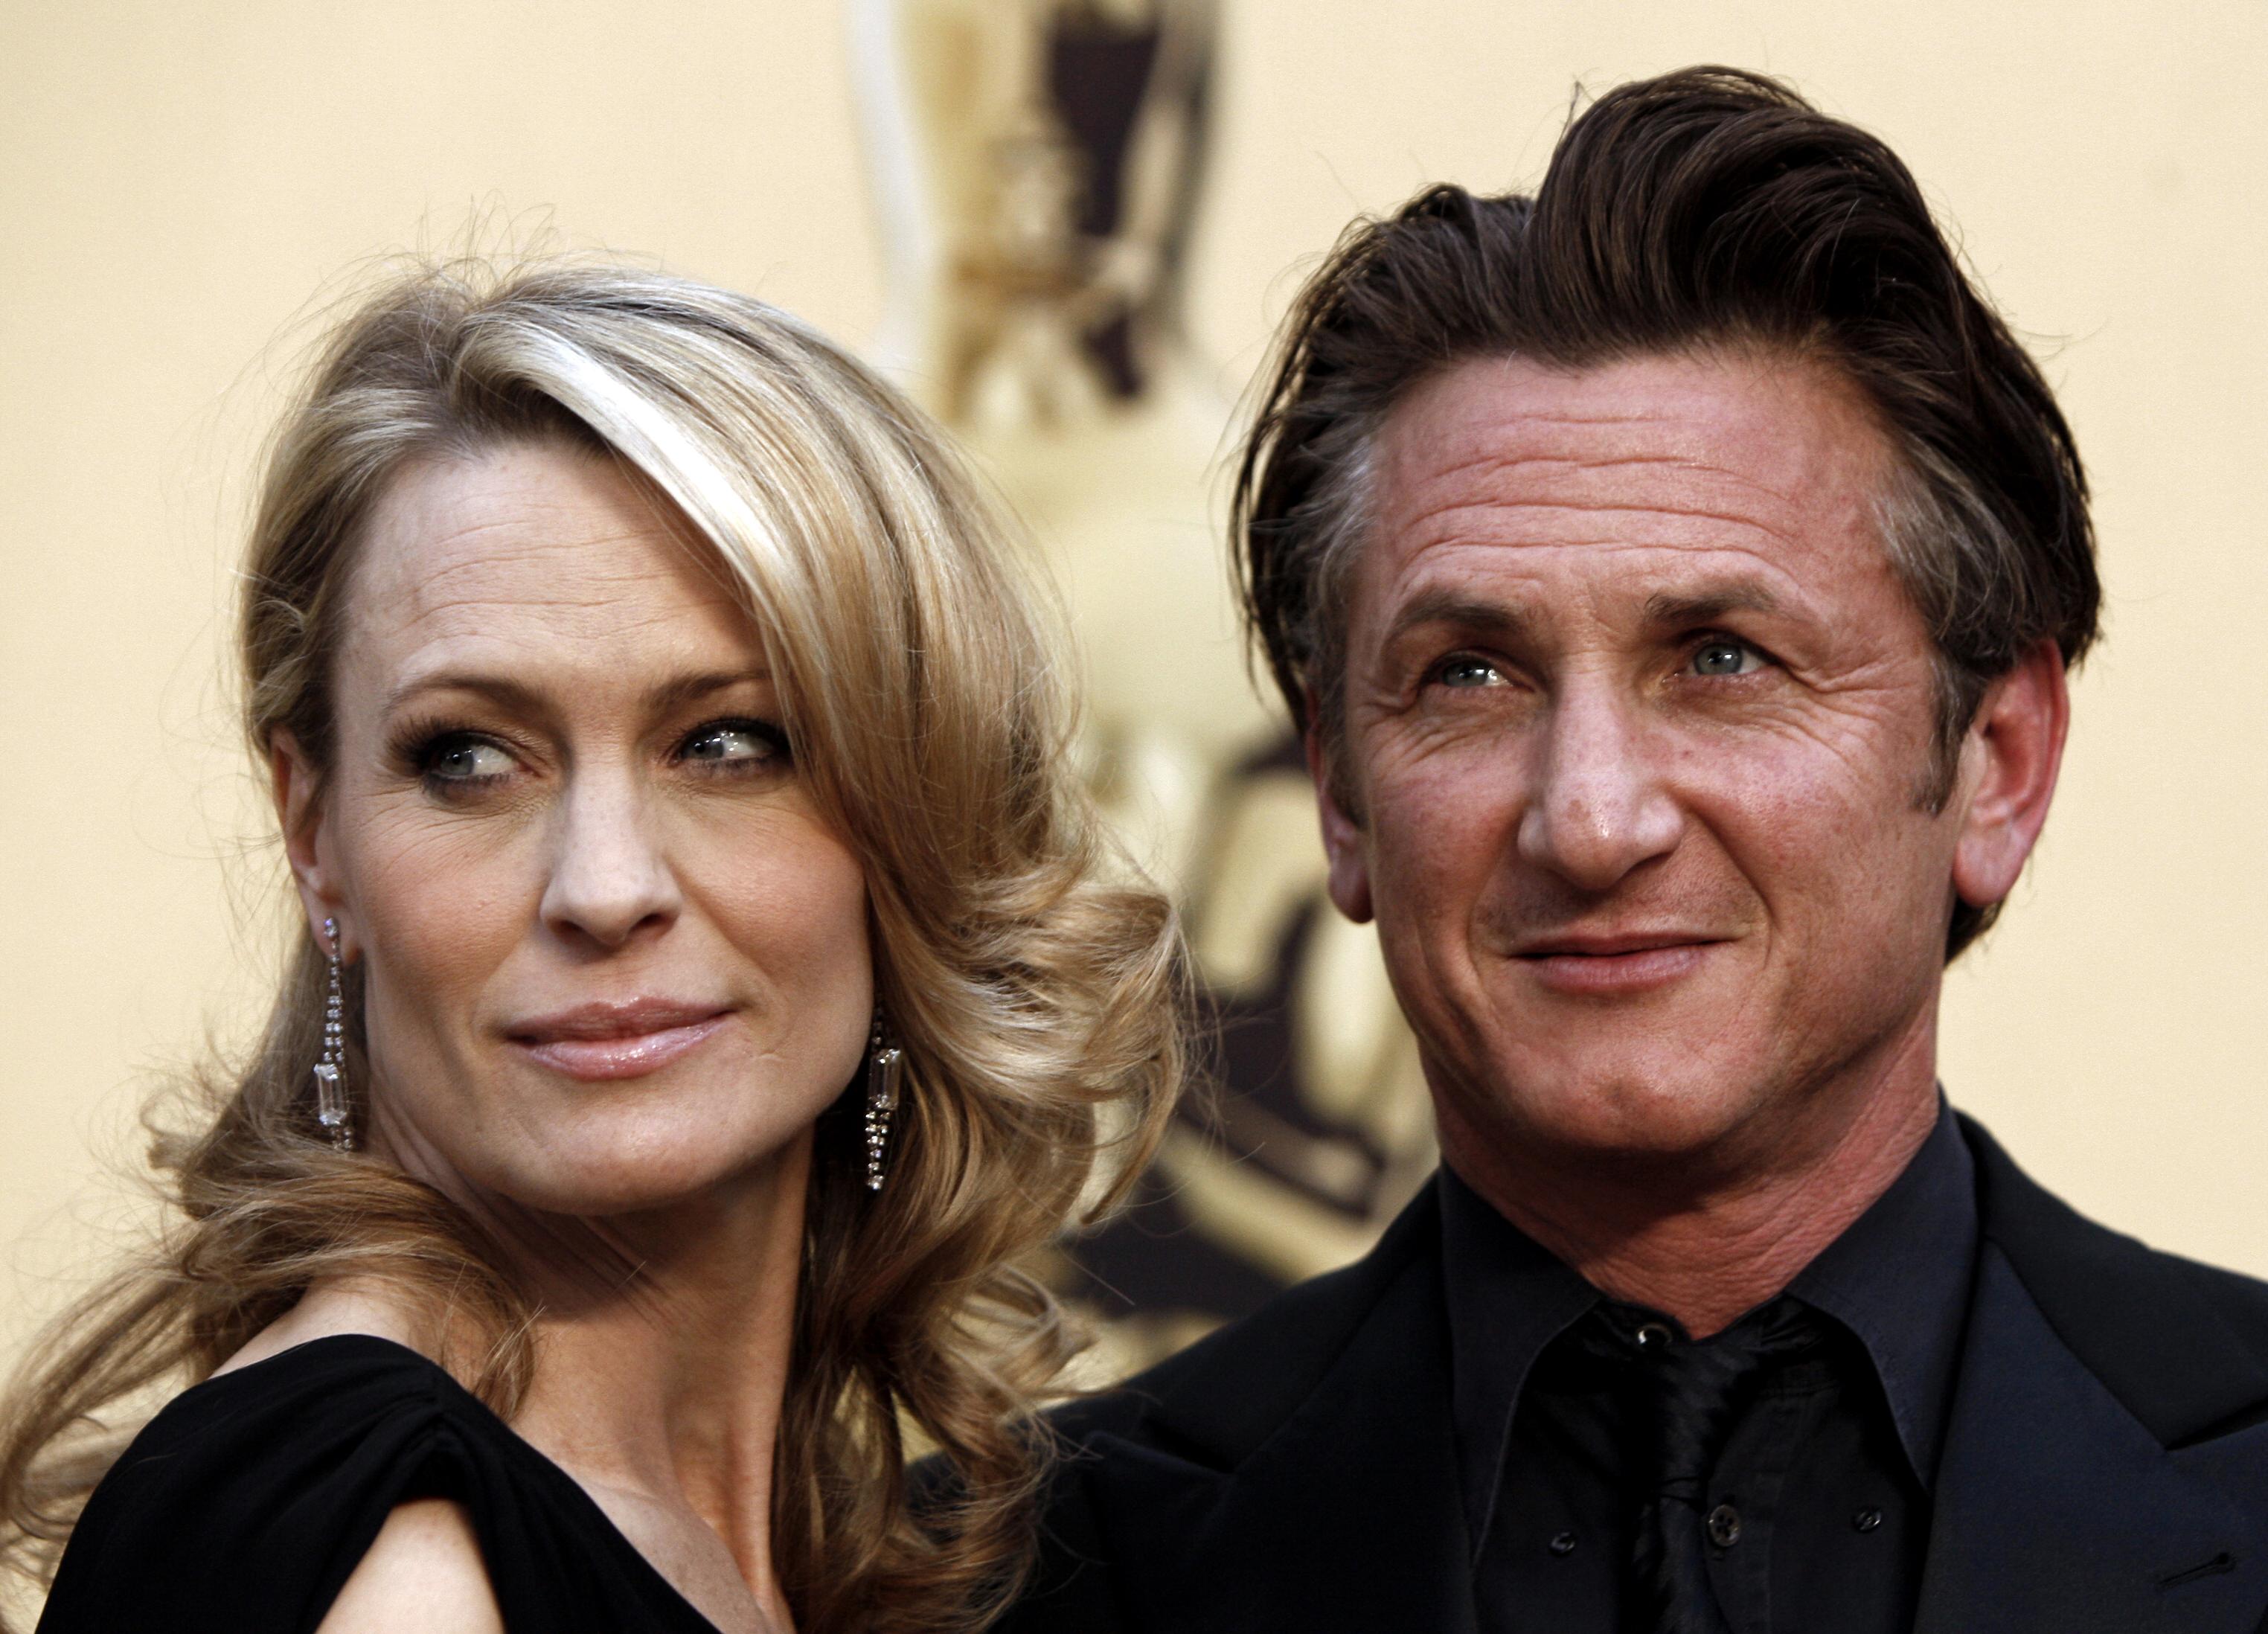 File - In questa foto del file del 22 febbraio 2009, Robin Wright Benn, a sinistra, e Sean Benn arrivano nella sezione di Hollywood di Los Angeles per l'81esima edizione degli Academy Awards.  (Foto AB/Vendite Matt, file)